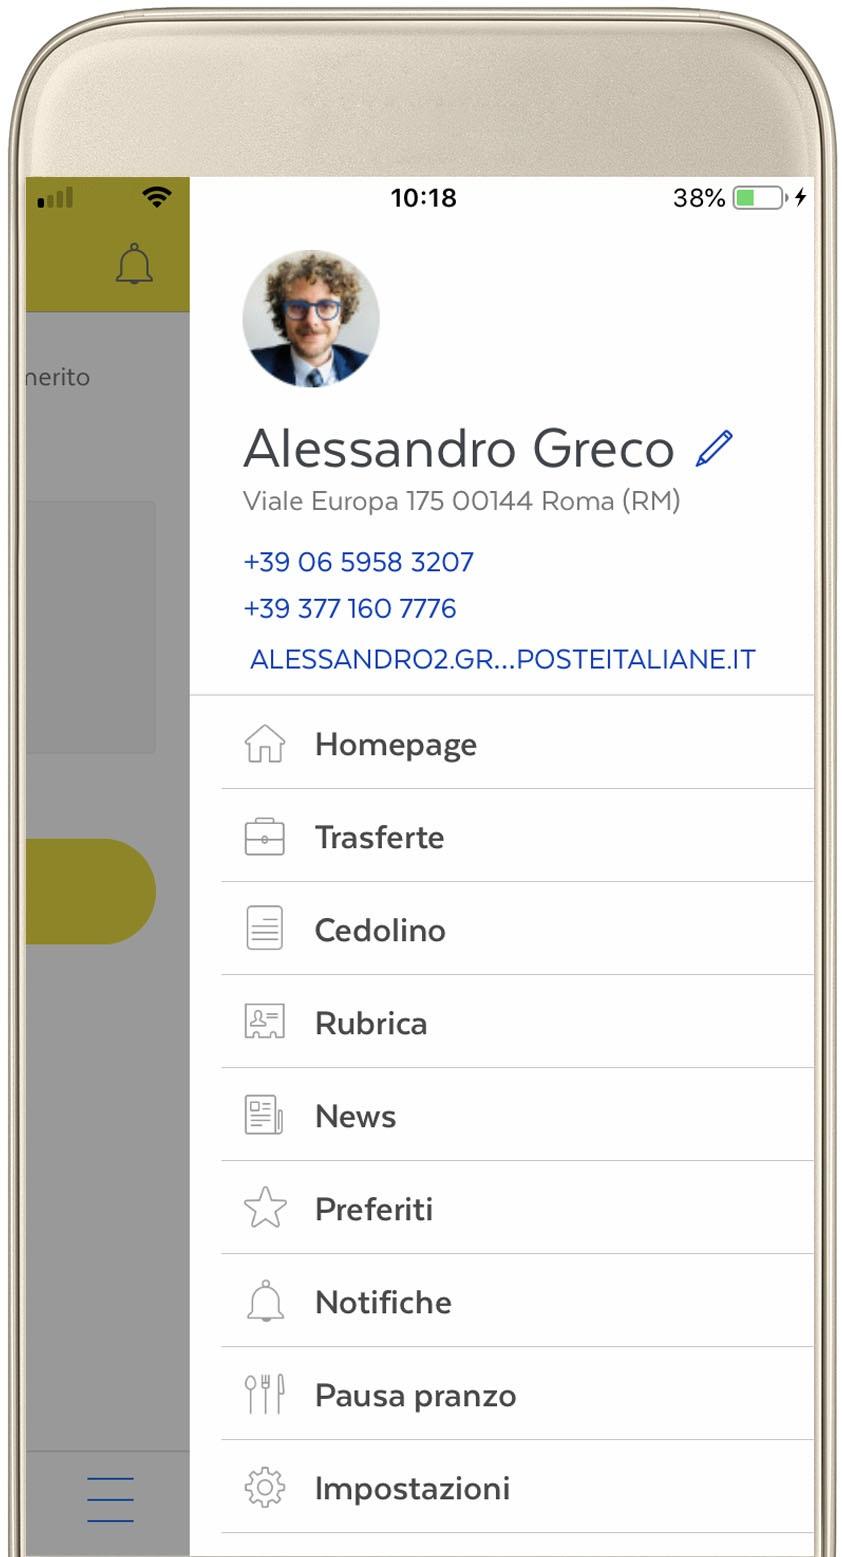 Intranet App noidiposte: menù di navigazione